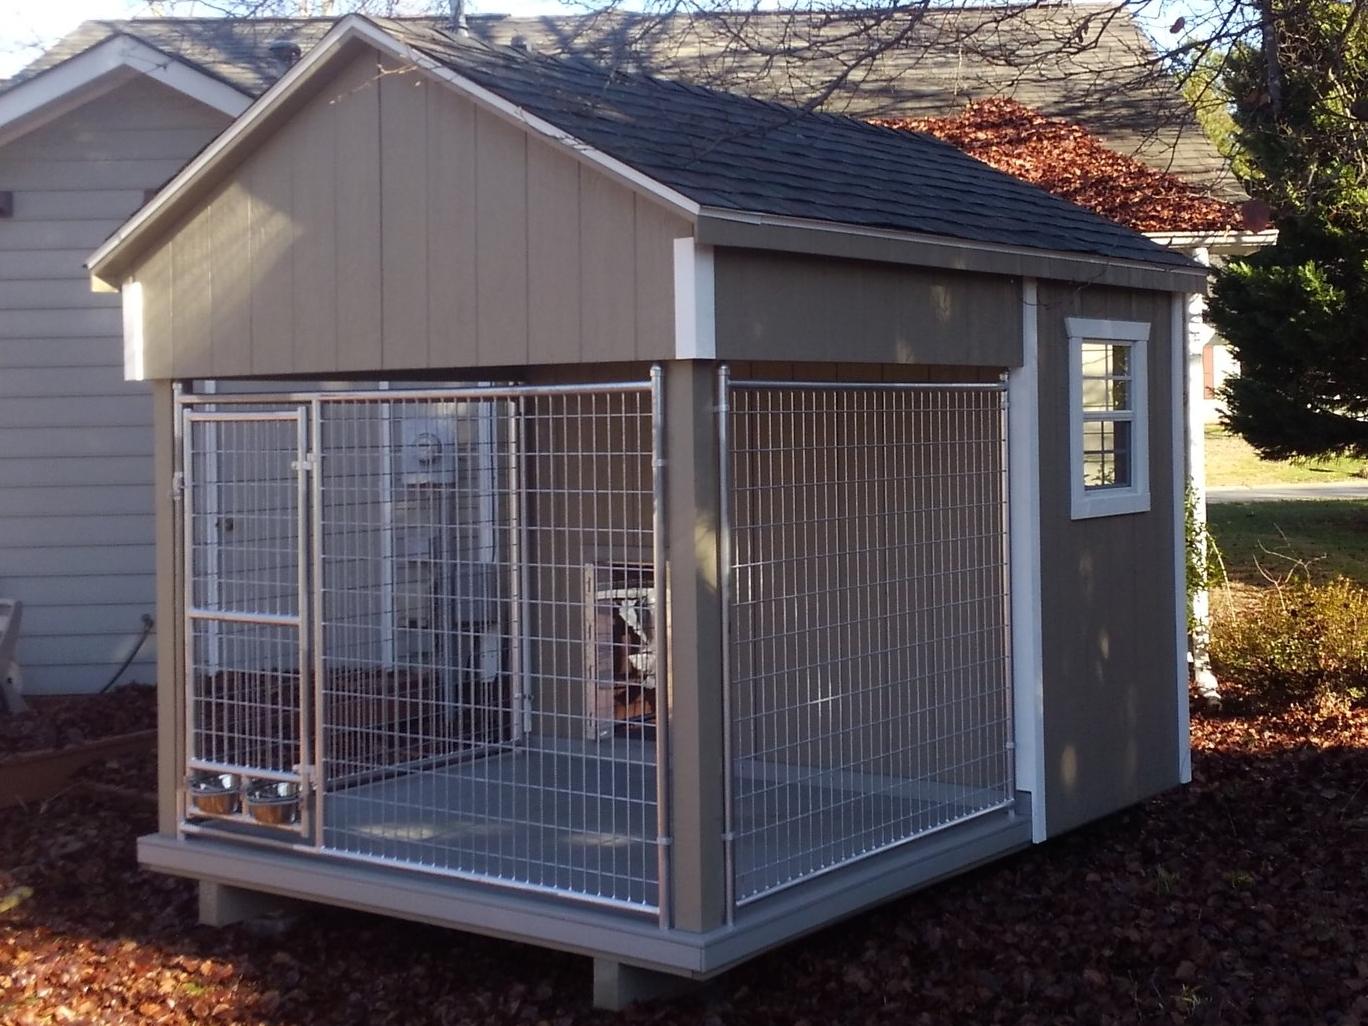 8x10 Single Dog Kennel